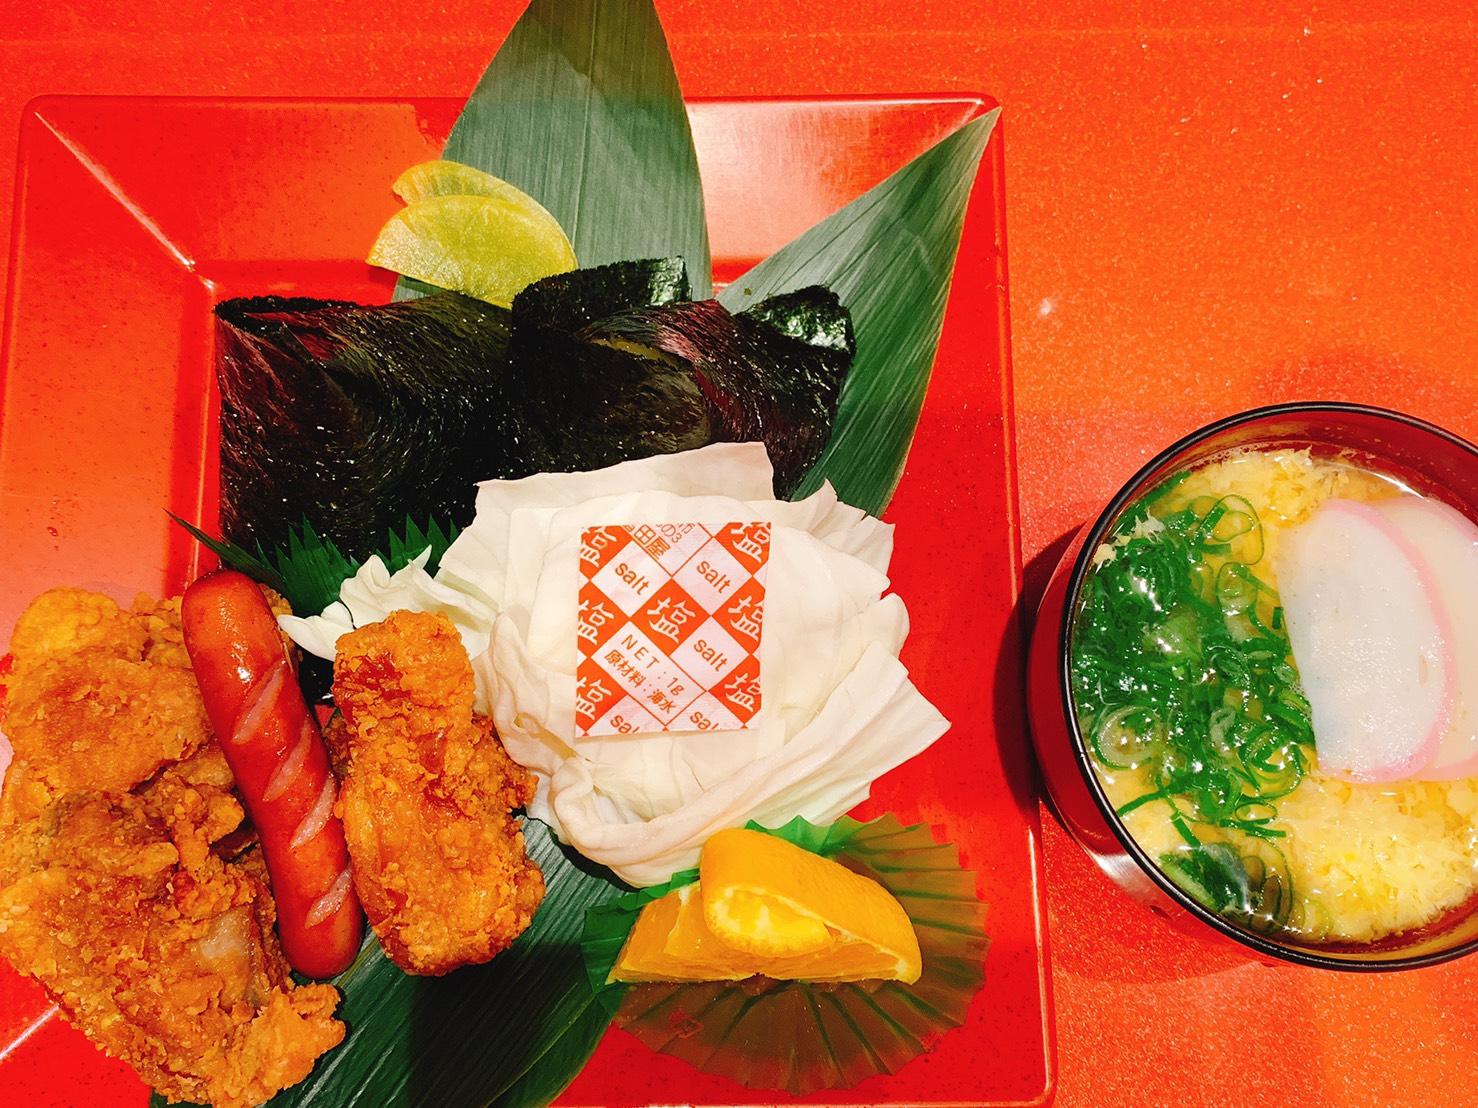 広島に来たら「むさし」の若鶏むすびでしょう!!